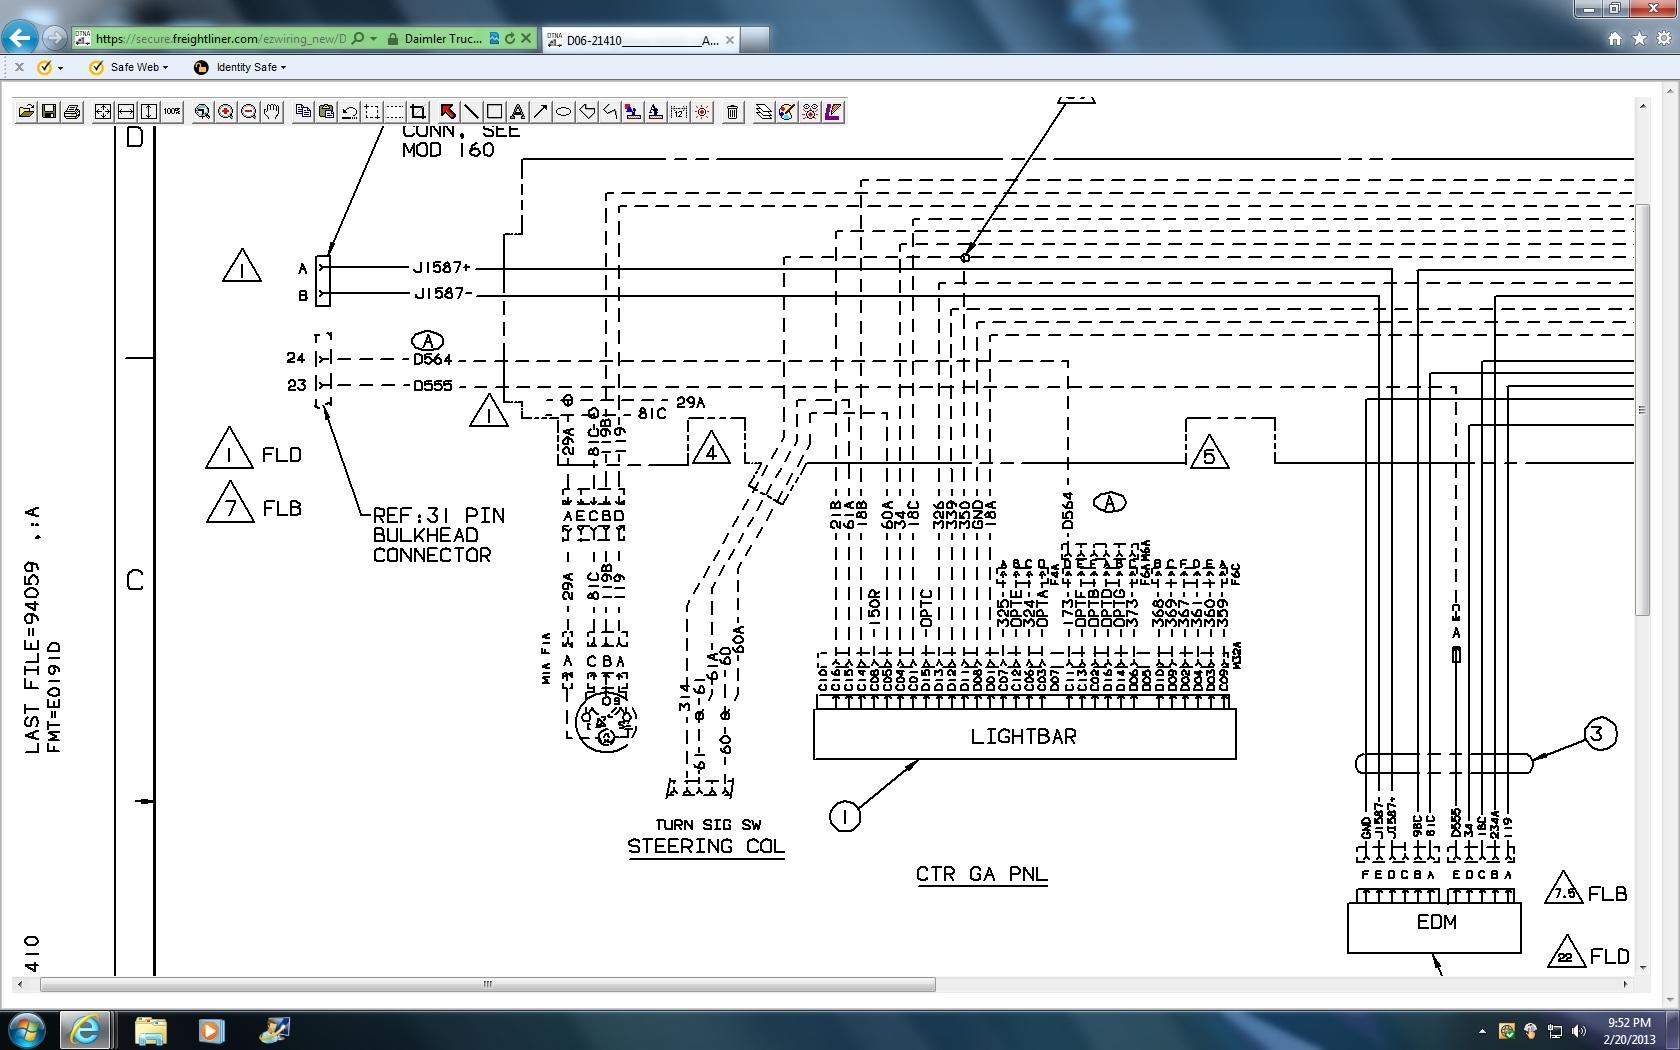 Ddec Ecm Iii Wiring Diagram - ddec iv wiring diagram wiring ... Ddec Ecm Wiring Diagram on